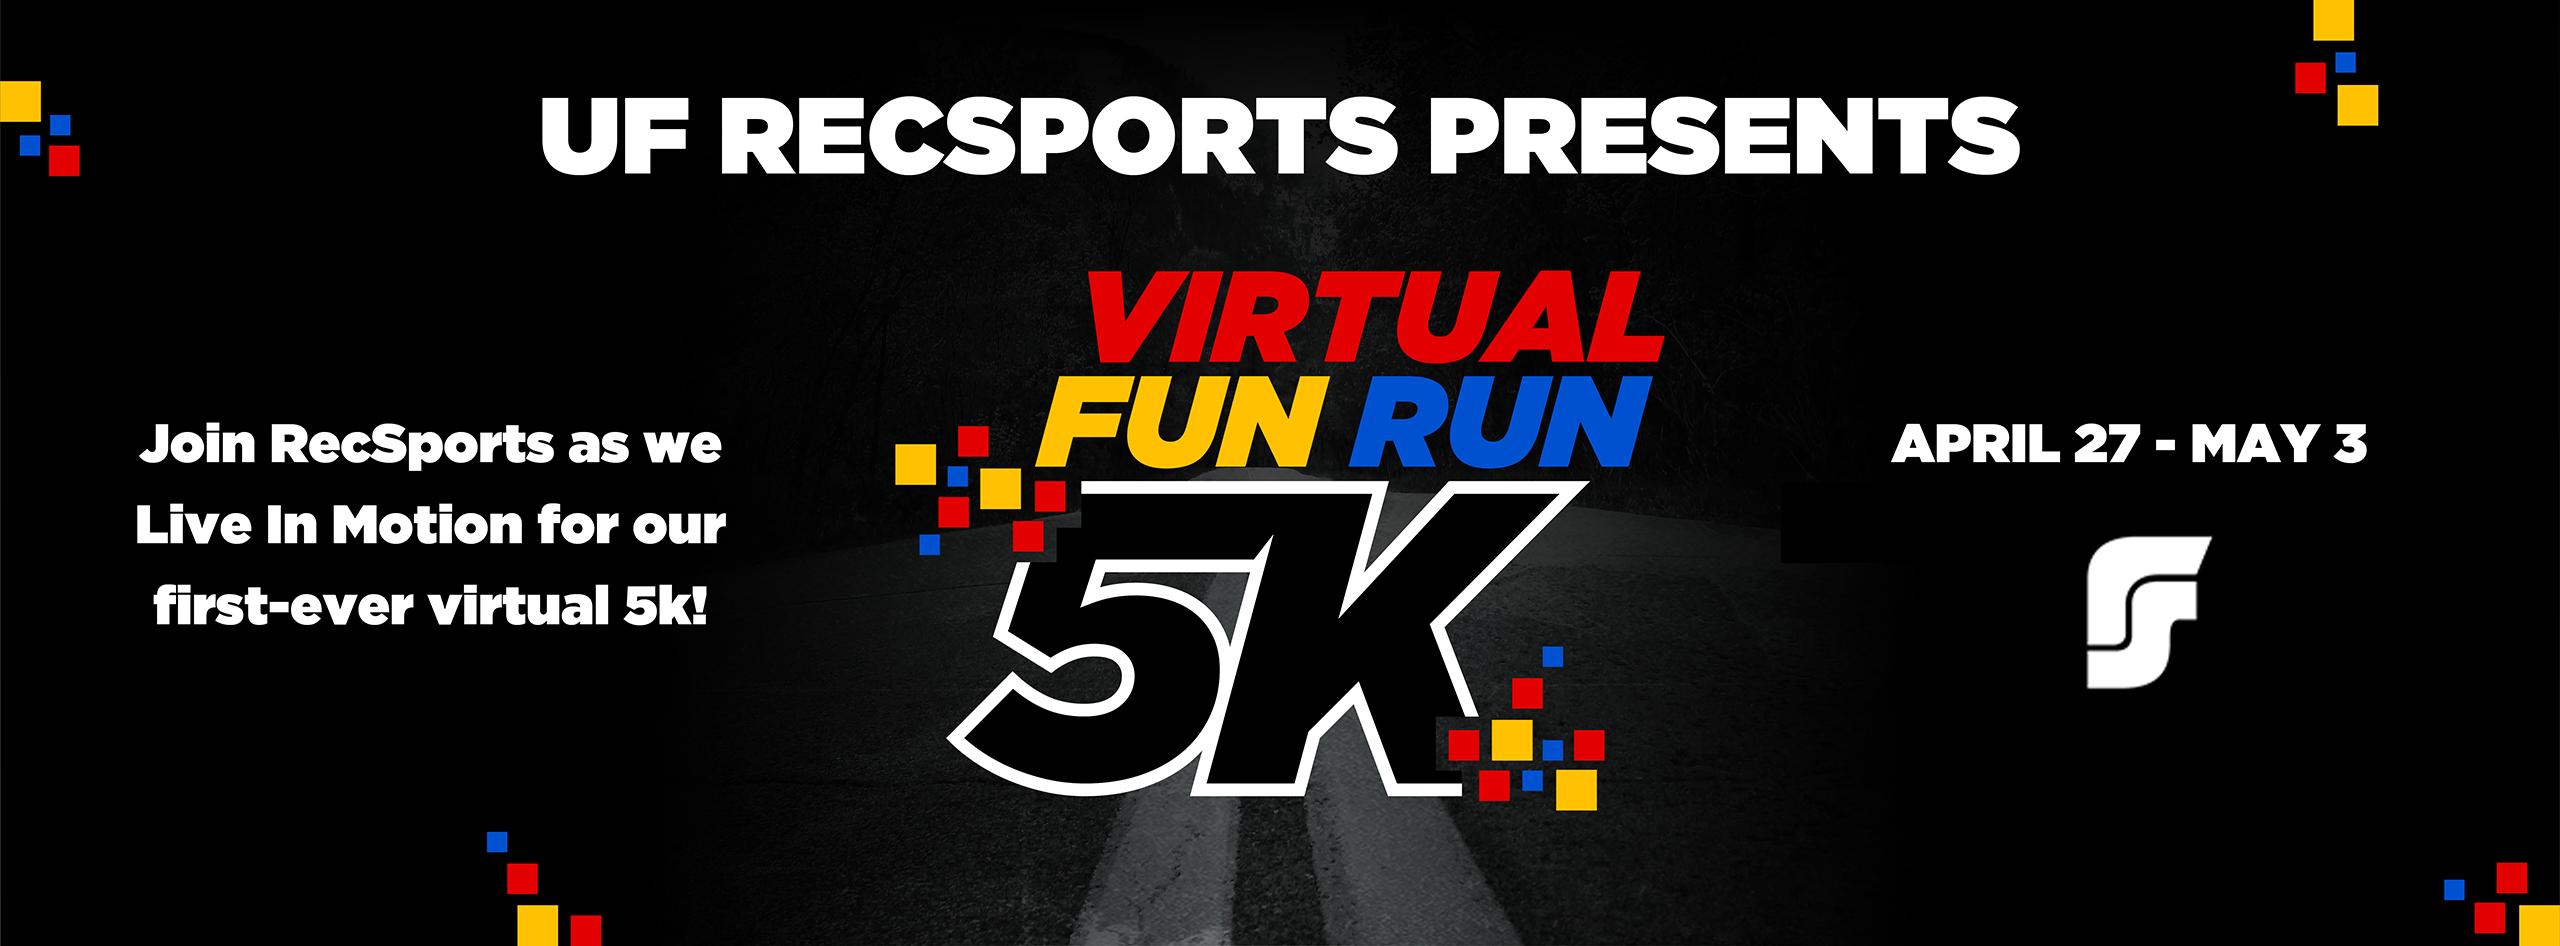 RecSports Virtual Fun Run 5k